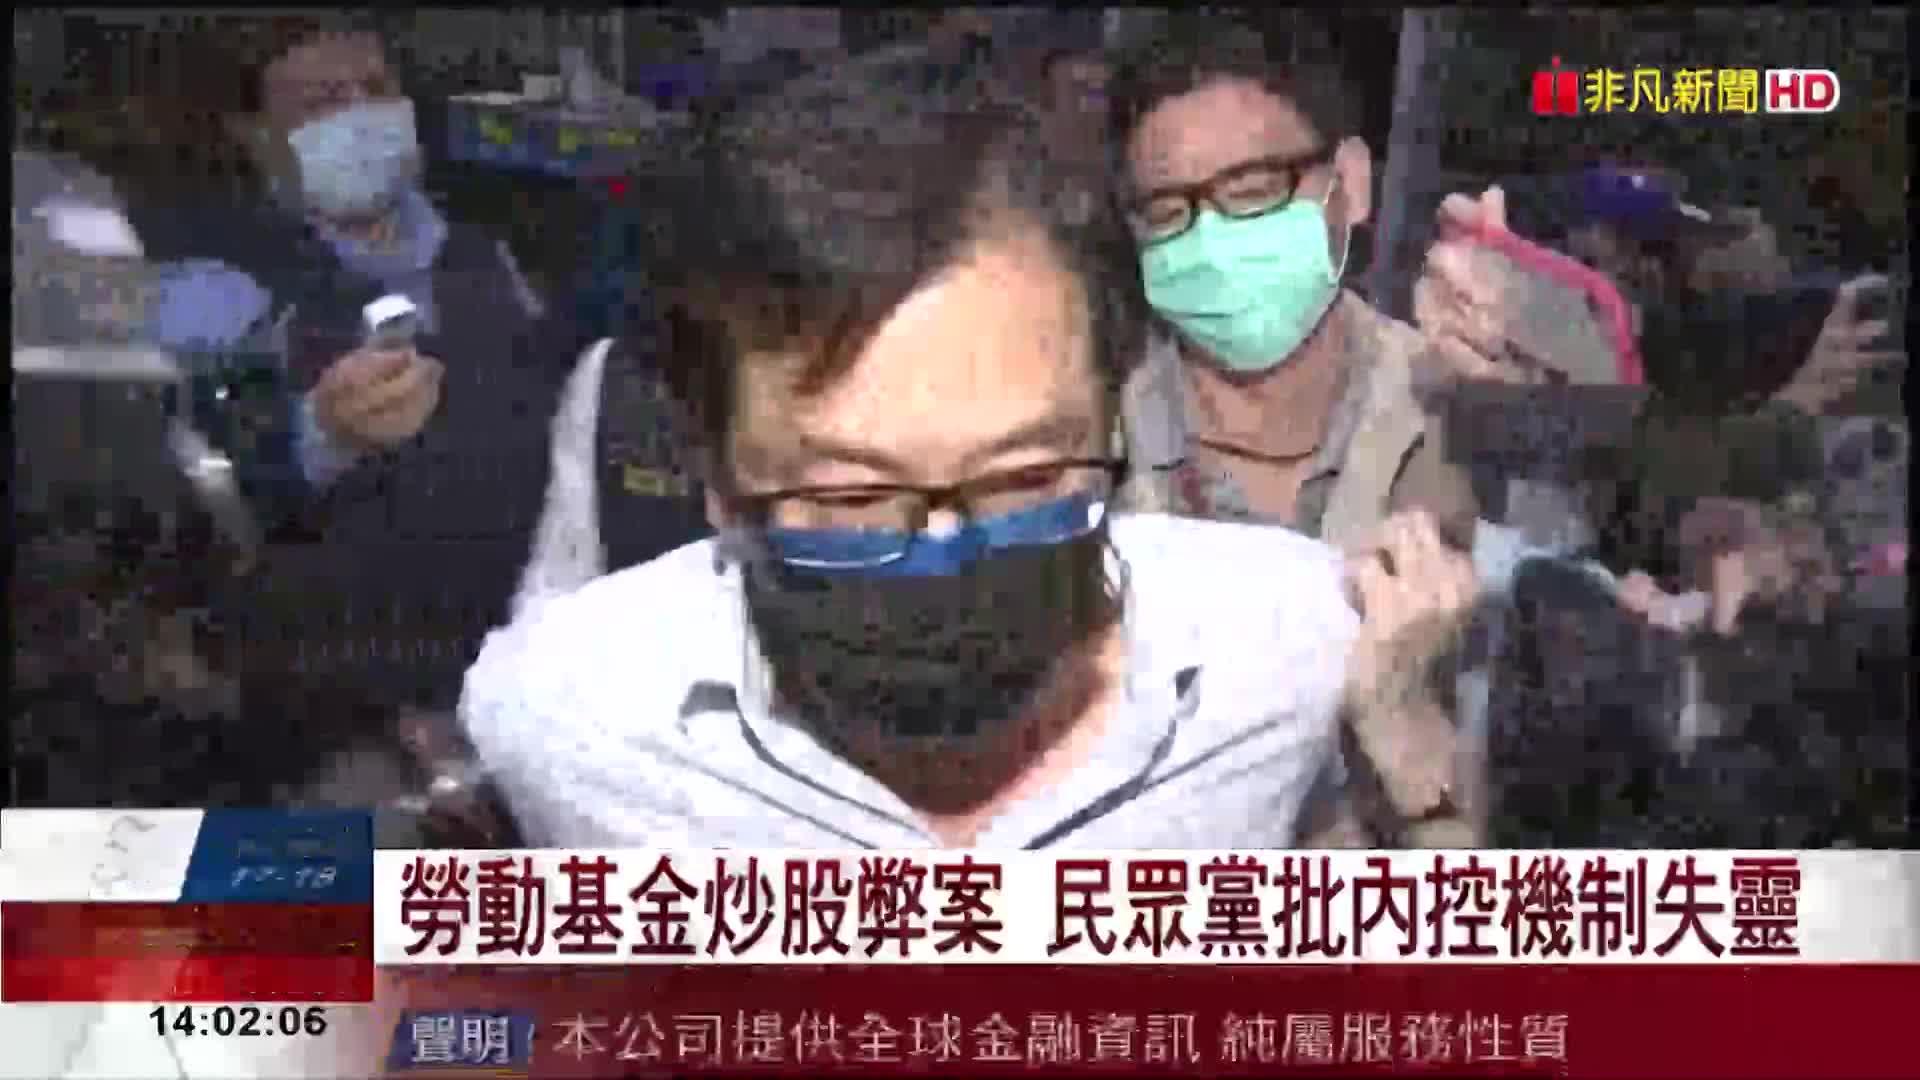 勞動基金炒股弊案 民眾黨批內控機制失靈